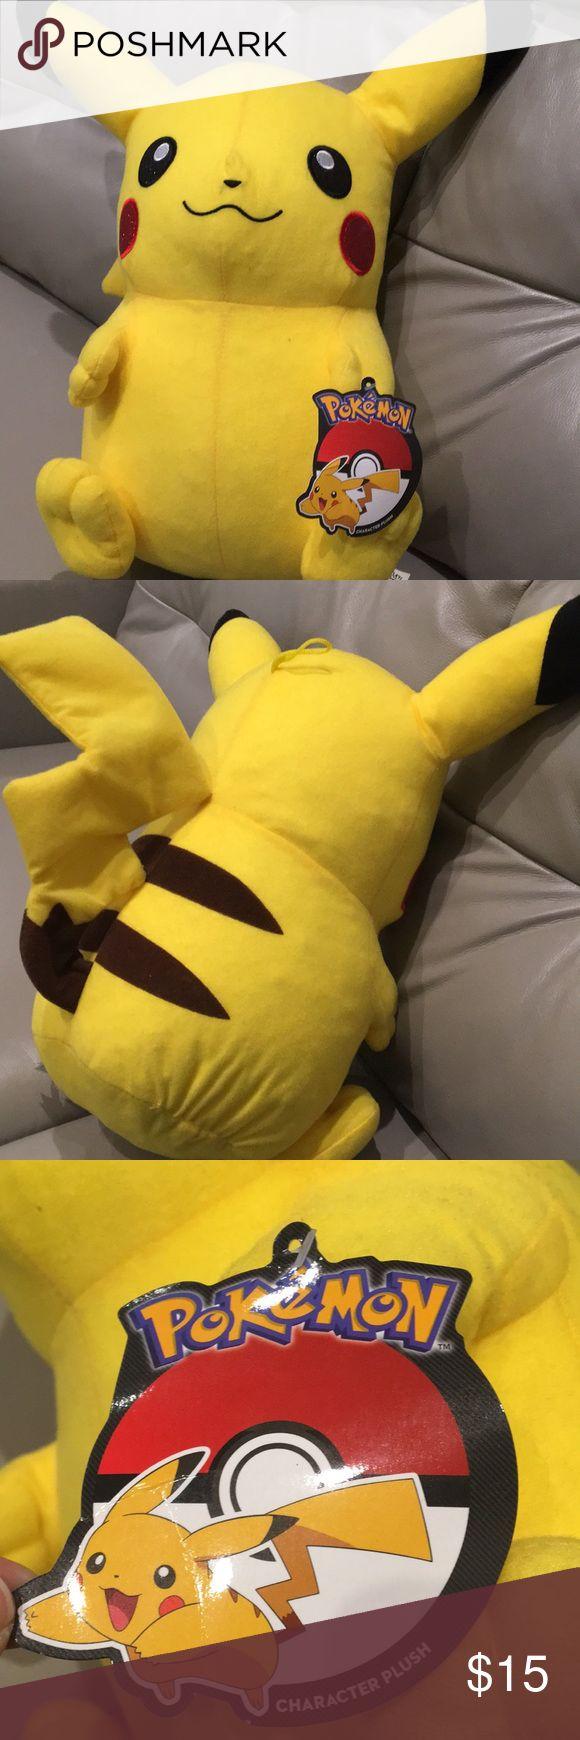 Pokémon Pikachu Character Plush Yellow Stuffed Pokémon Character Pokemon Other